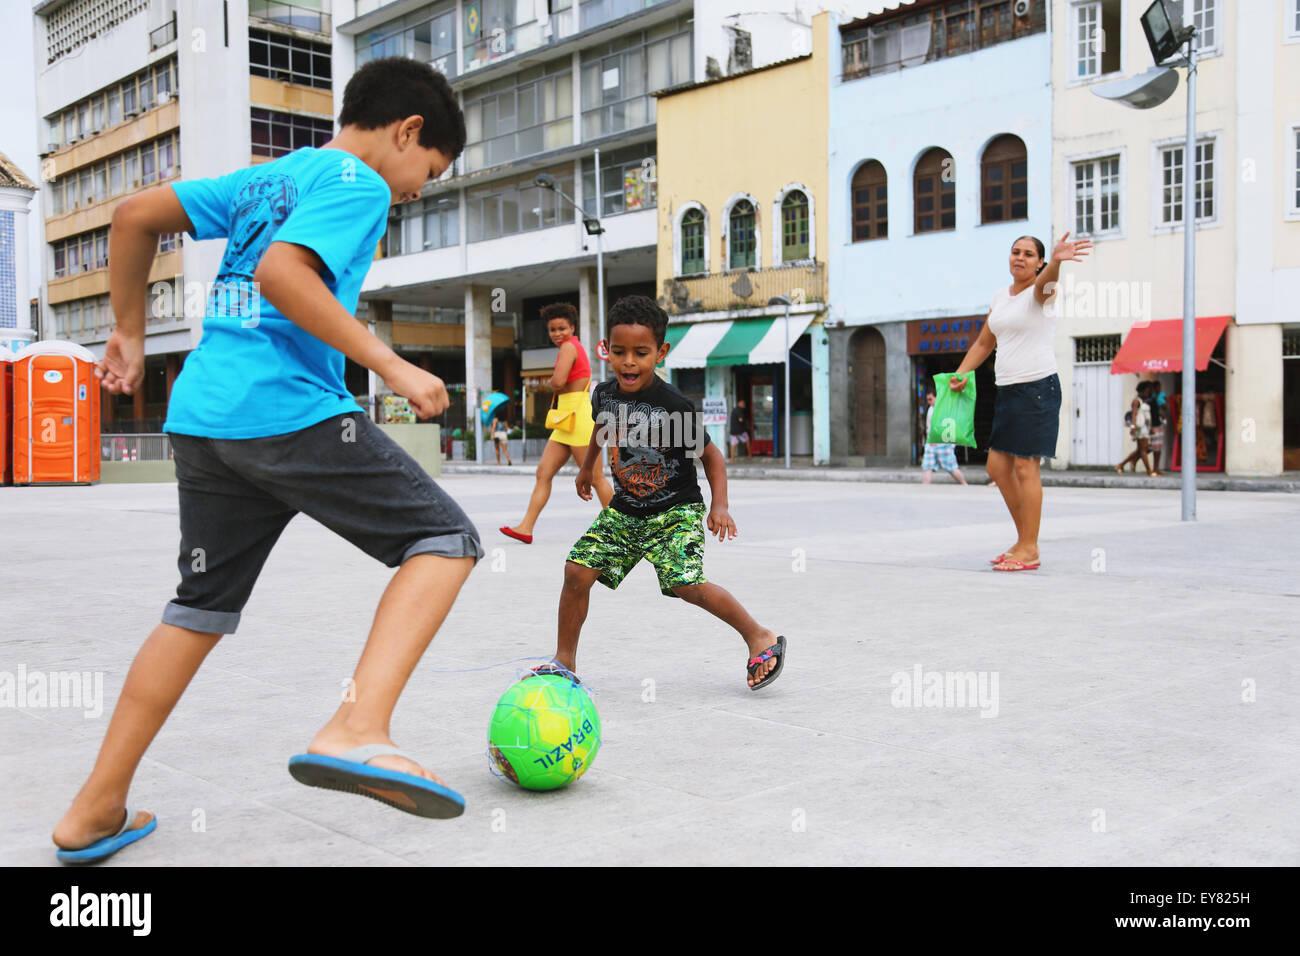 Ninos Jugando Al Futbol En La Calle Brasil Foto Imagen De Stock